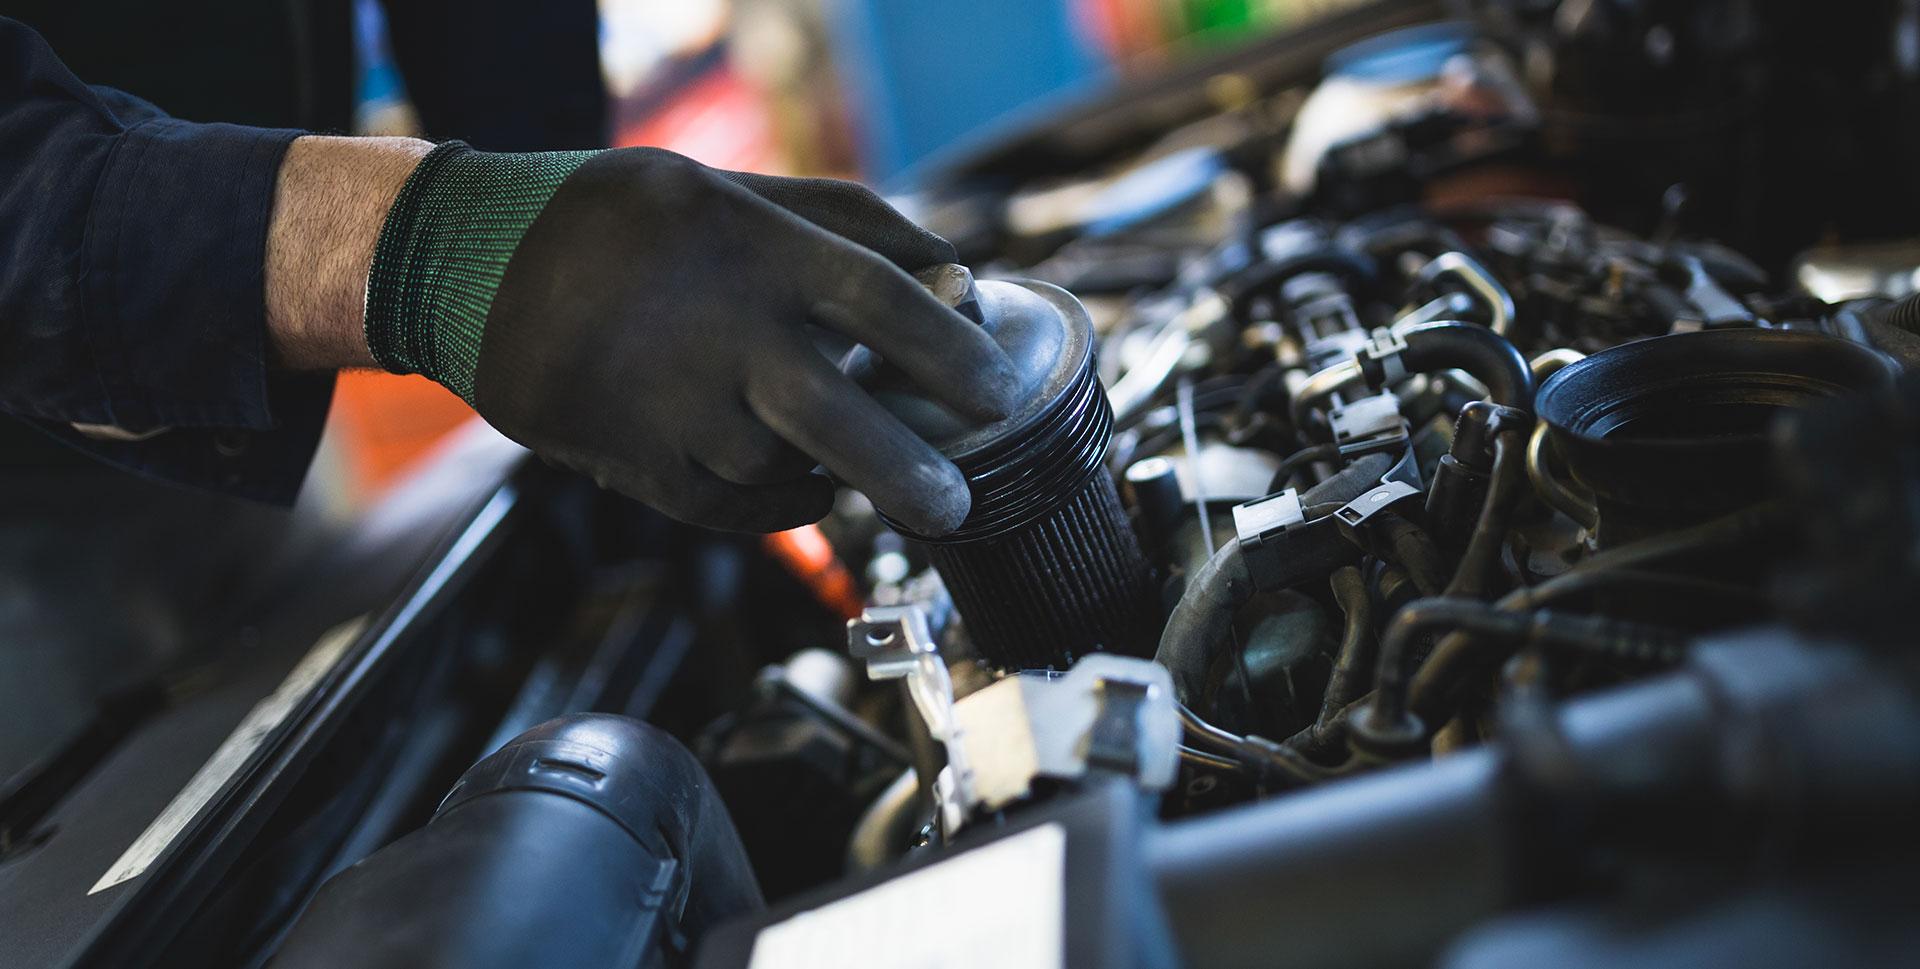 Car Engine Checking